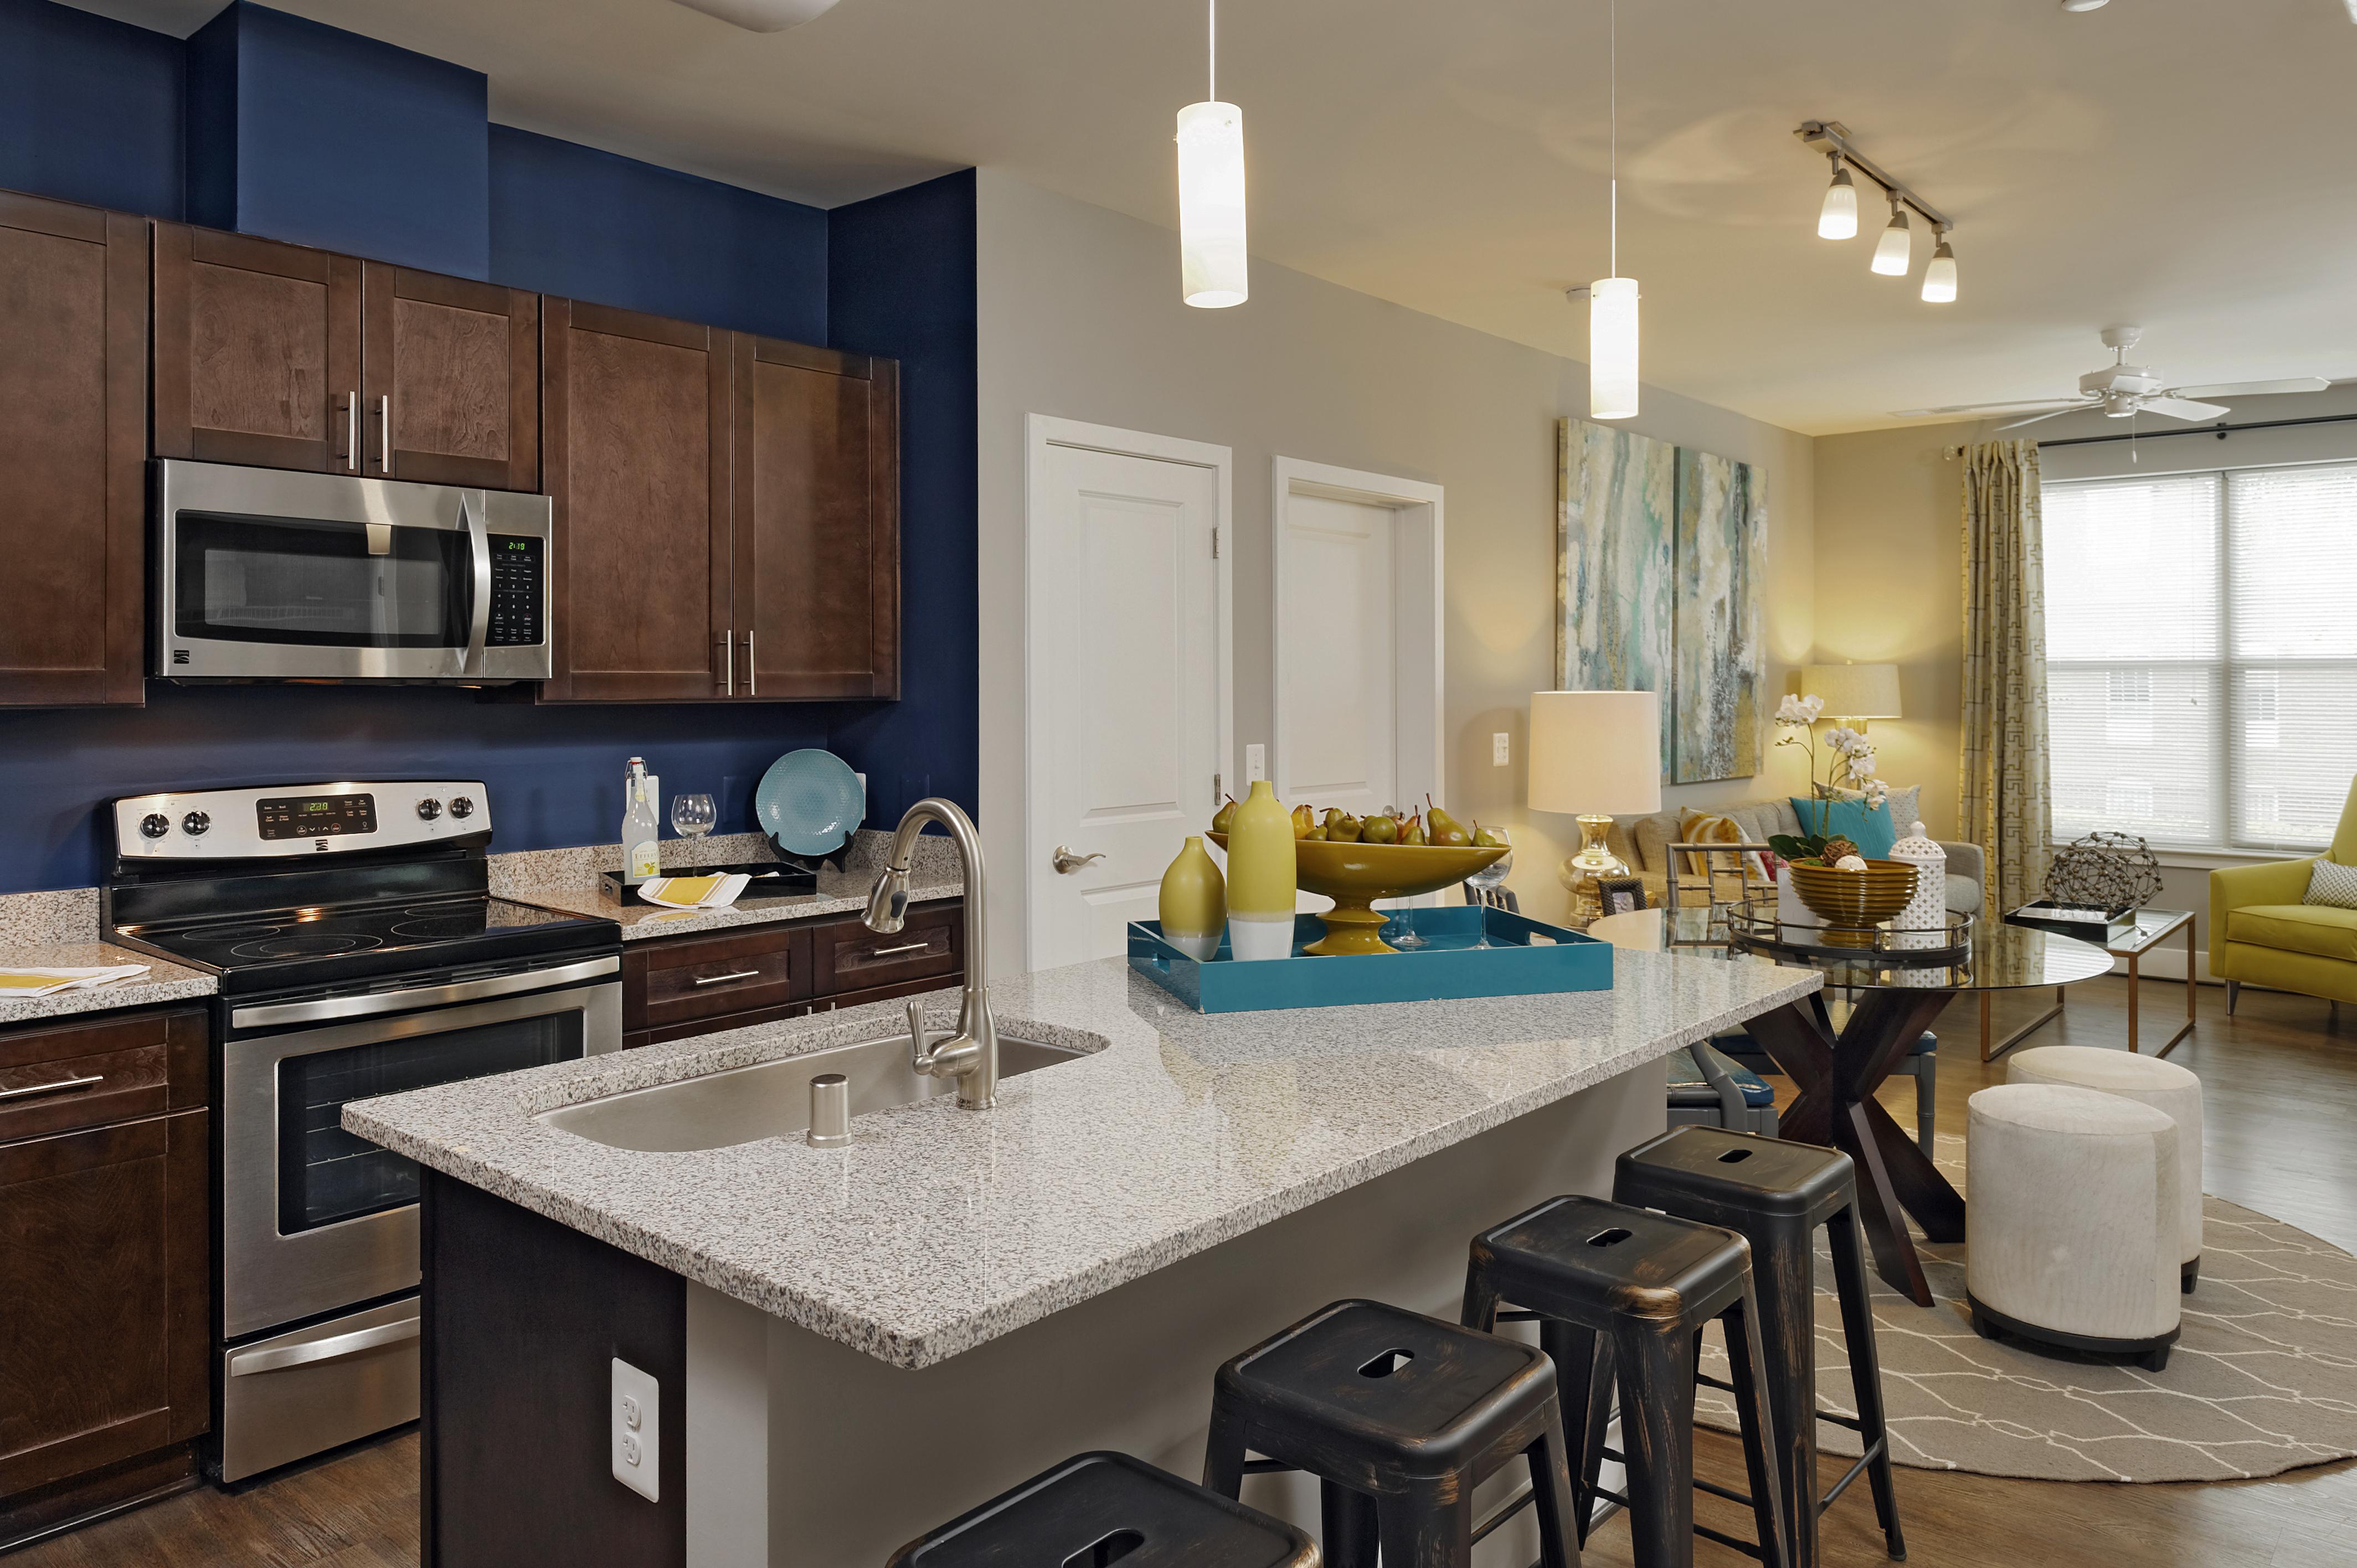 3350 at Alterra Hyattsville Apartments For Rent